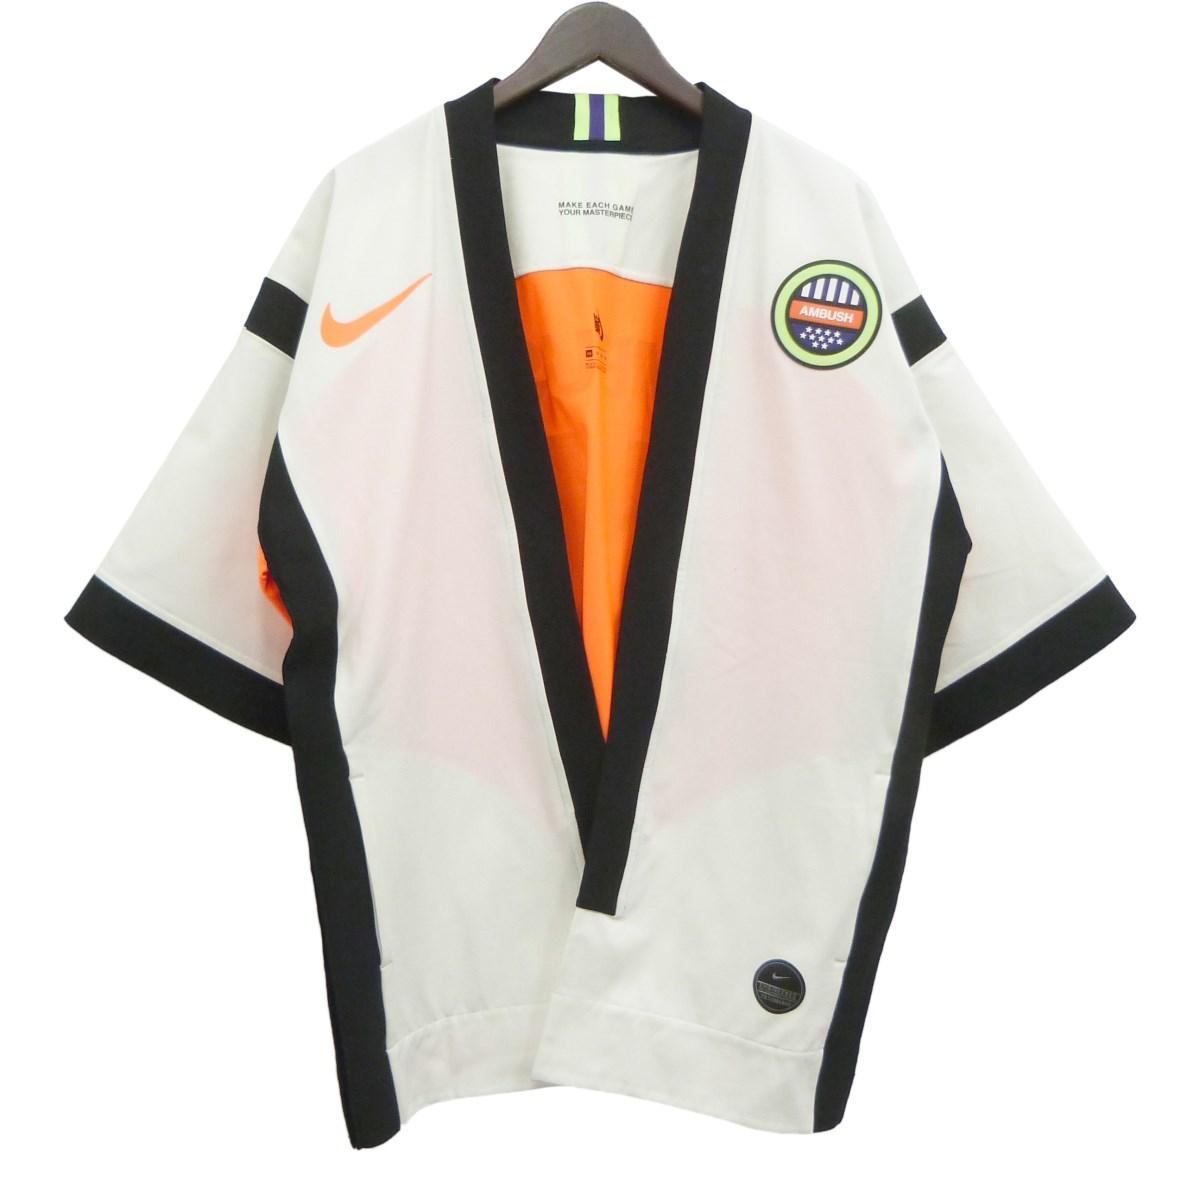 【中古】AMBUSH × NIKE 「W NRG Cd JKT」ハッピナンバリングジャケット ホワイト×オレンジ サイズ:XS 【040420】(アンブッシュ ナイキ)